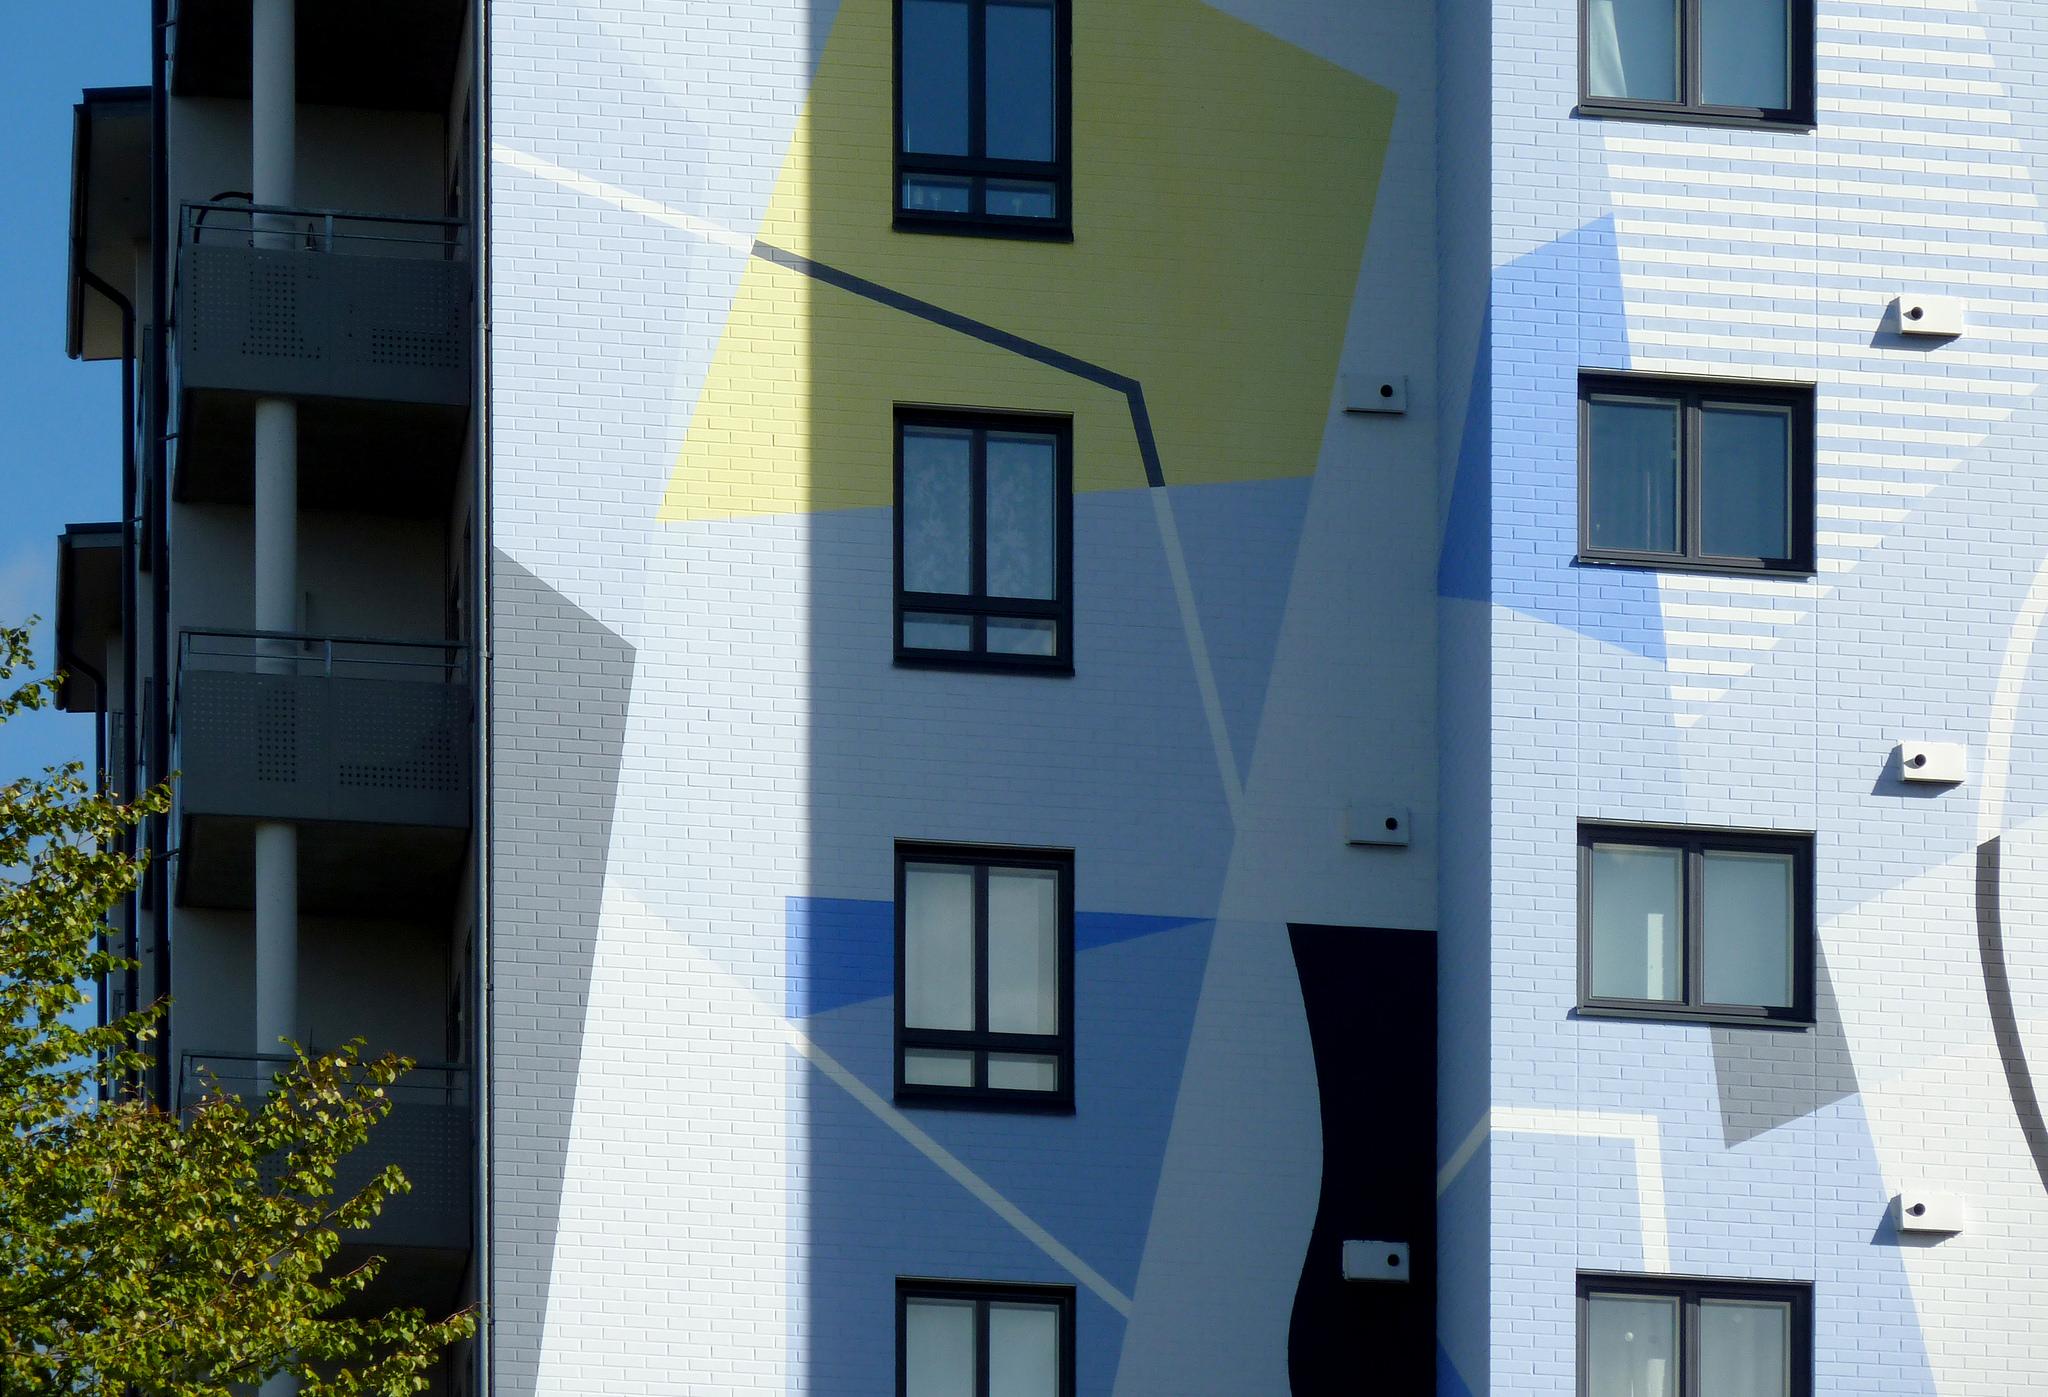 GUE Street Art Seinäjoki Finland Upeart Festival